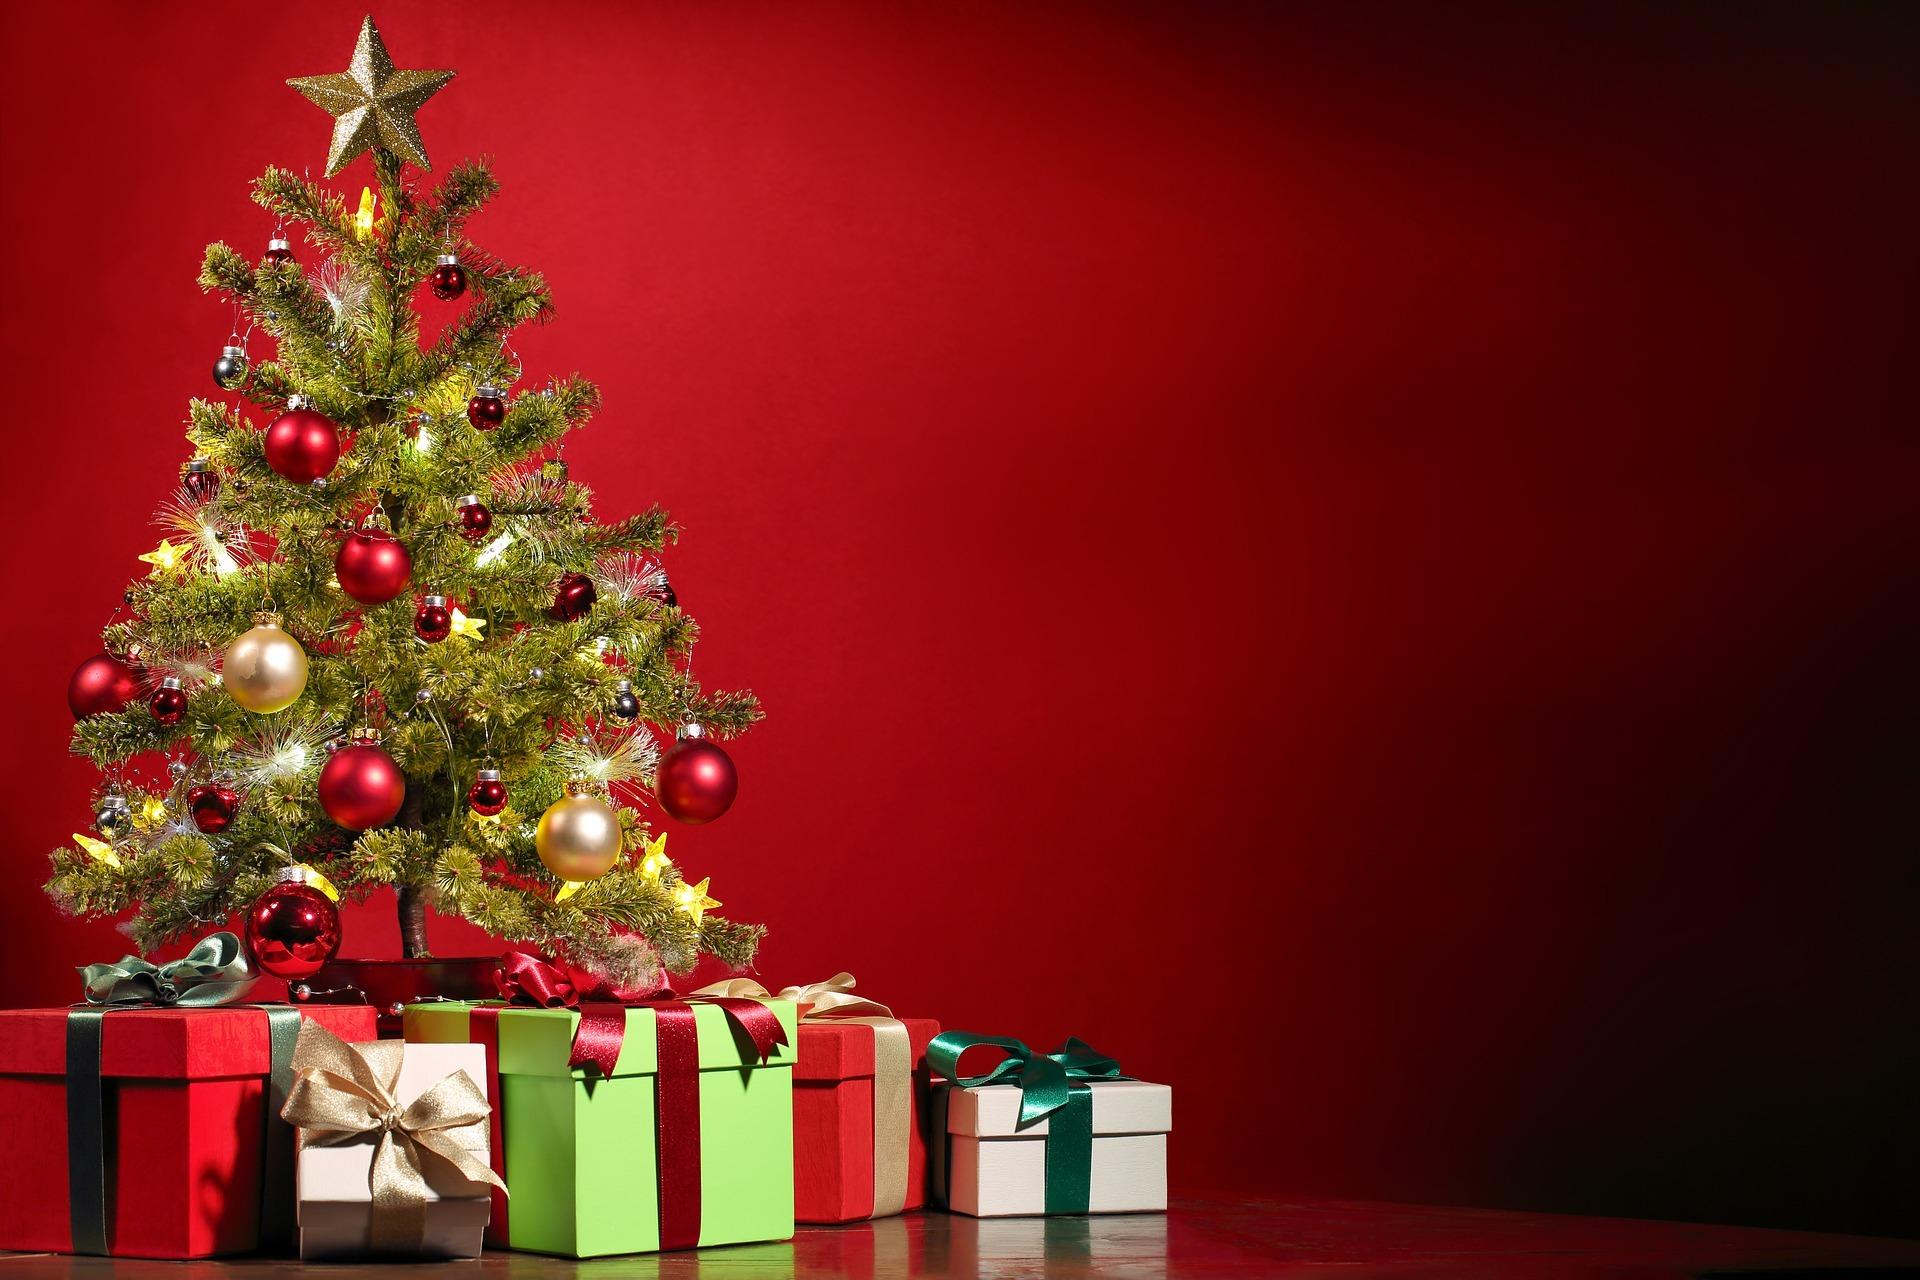 Weihnachtsbaum Gedicht.Der Weihnachtsbaum Ein Neues Weihnachtsgedicht